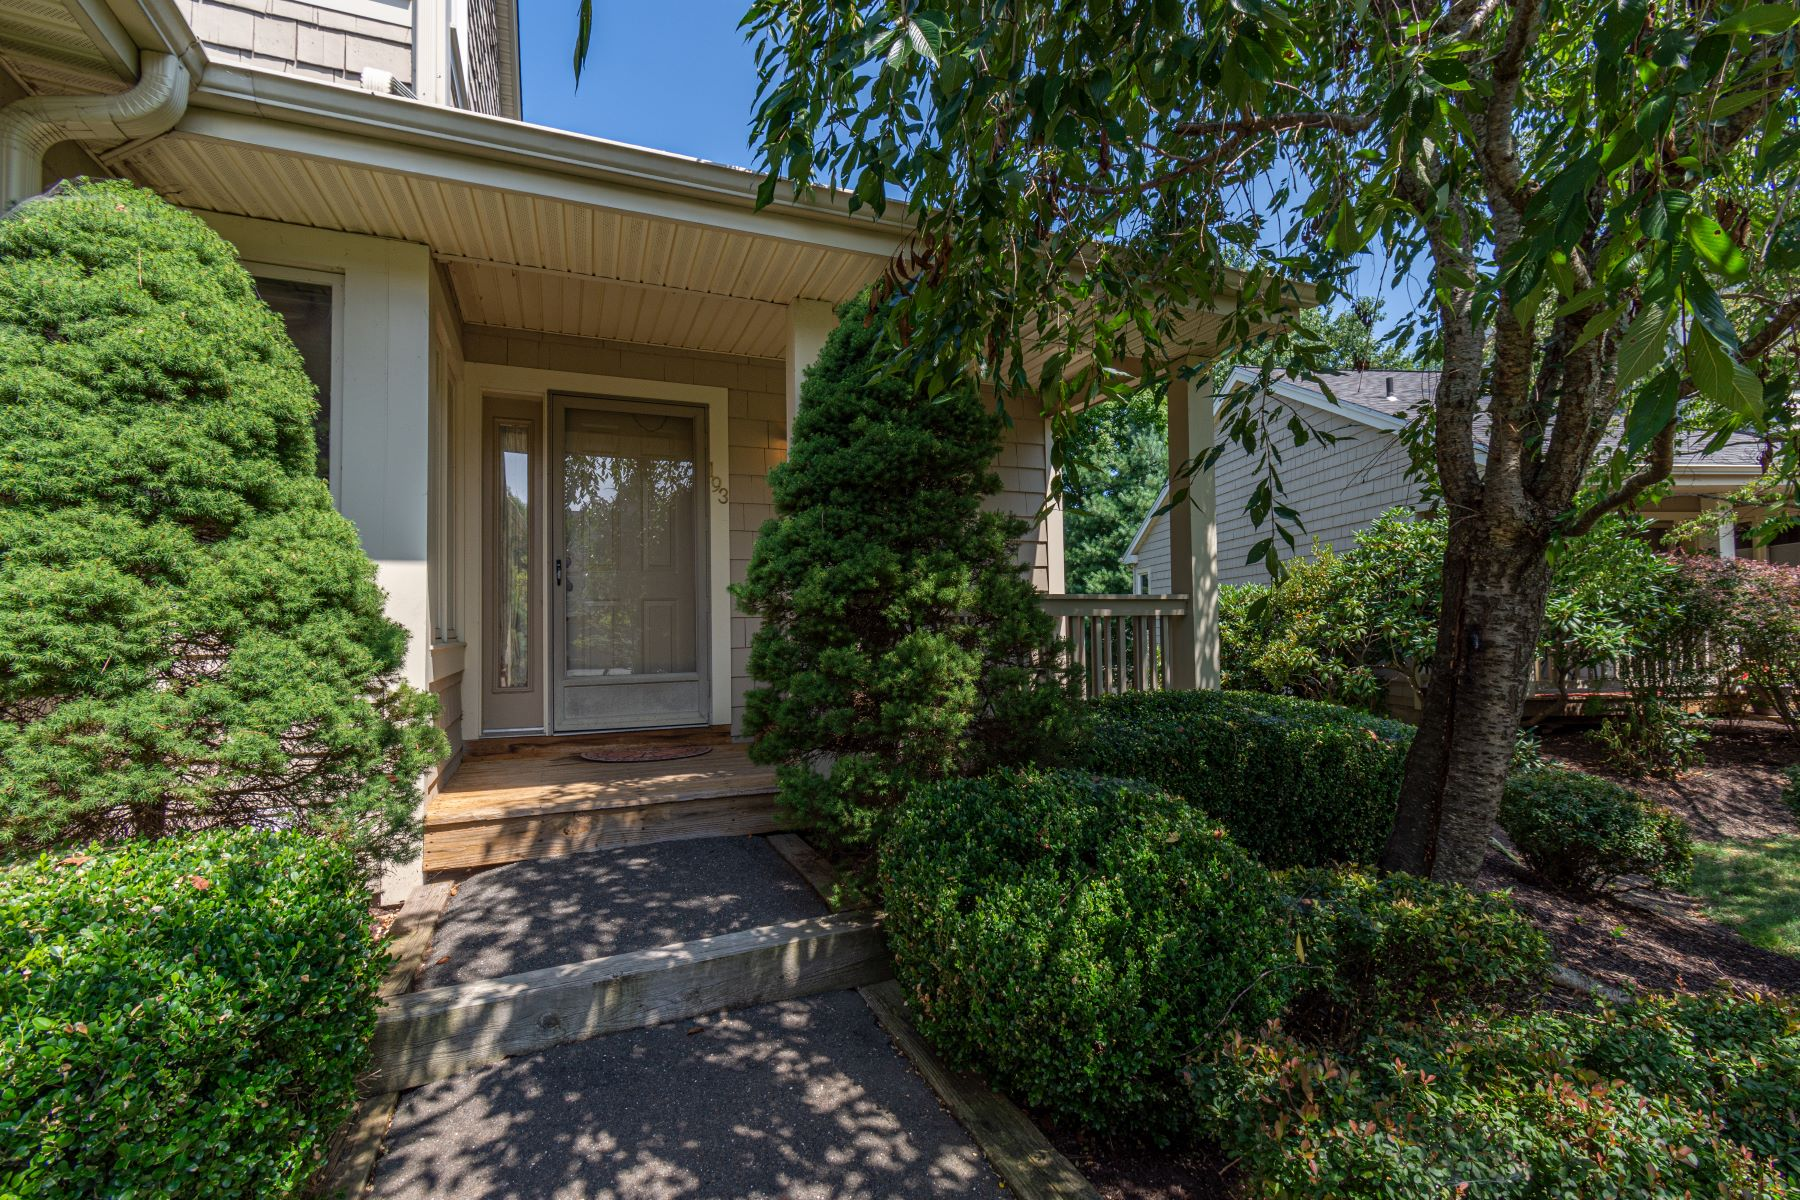 townhouses для того Продажа на Lake Place Condo 12 Boulevard Drive 193, Danbury, Коннектикут 06810 Соединенные Штаты